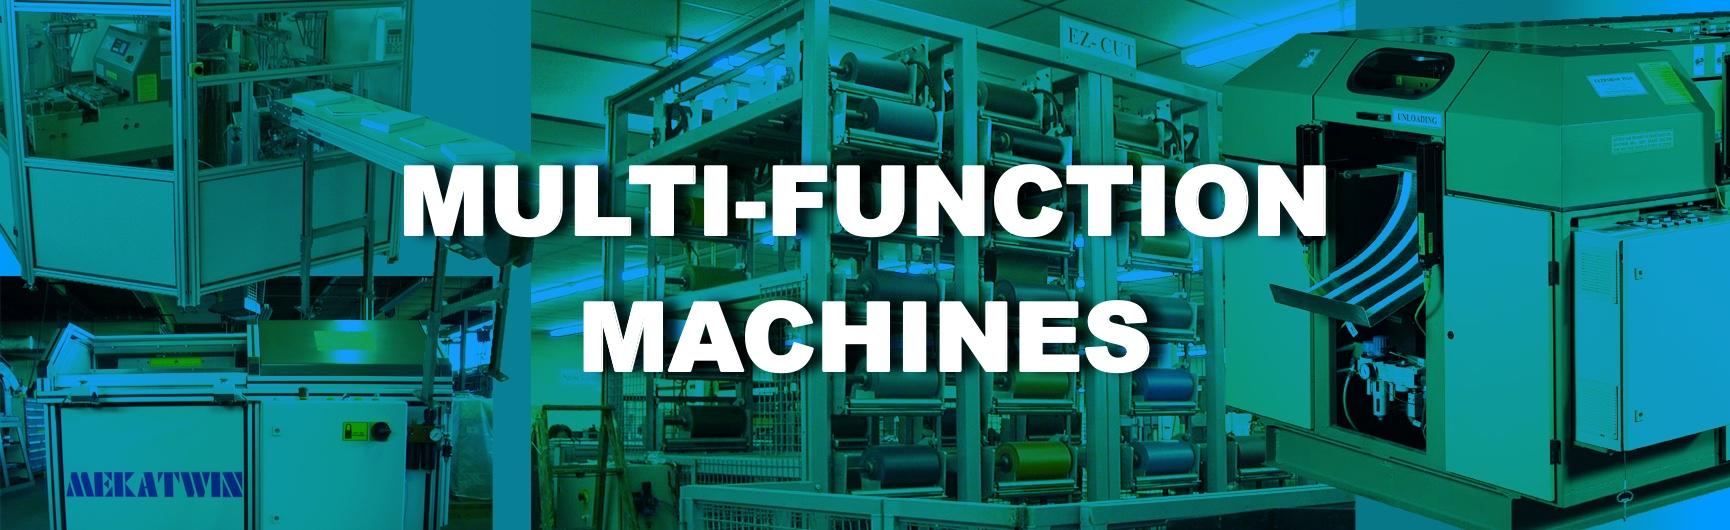 mekatronics-home-slider-images-multifunction